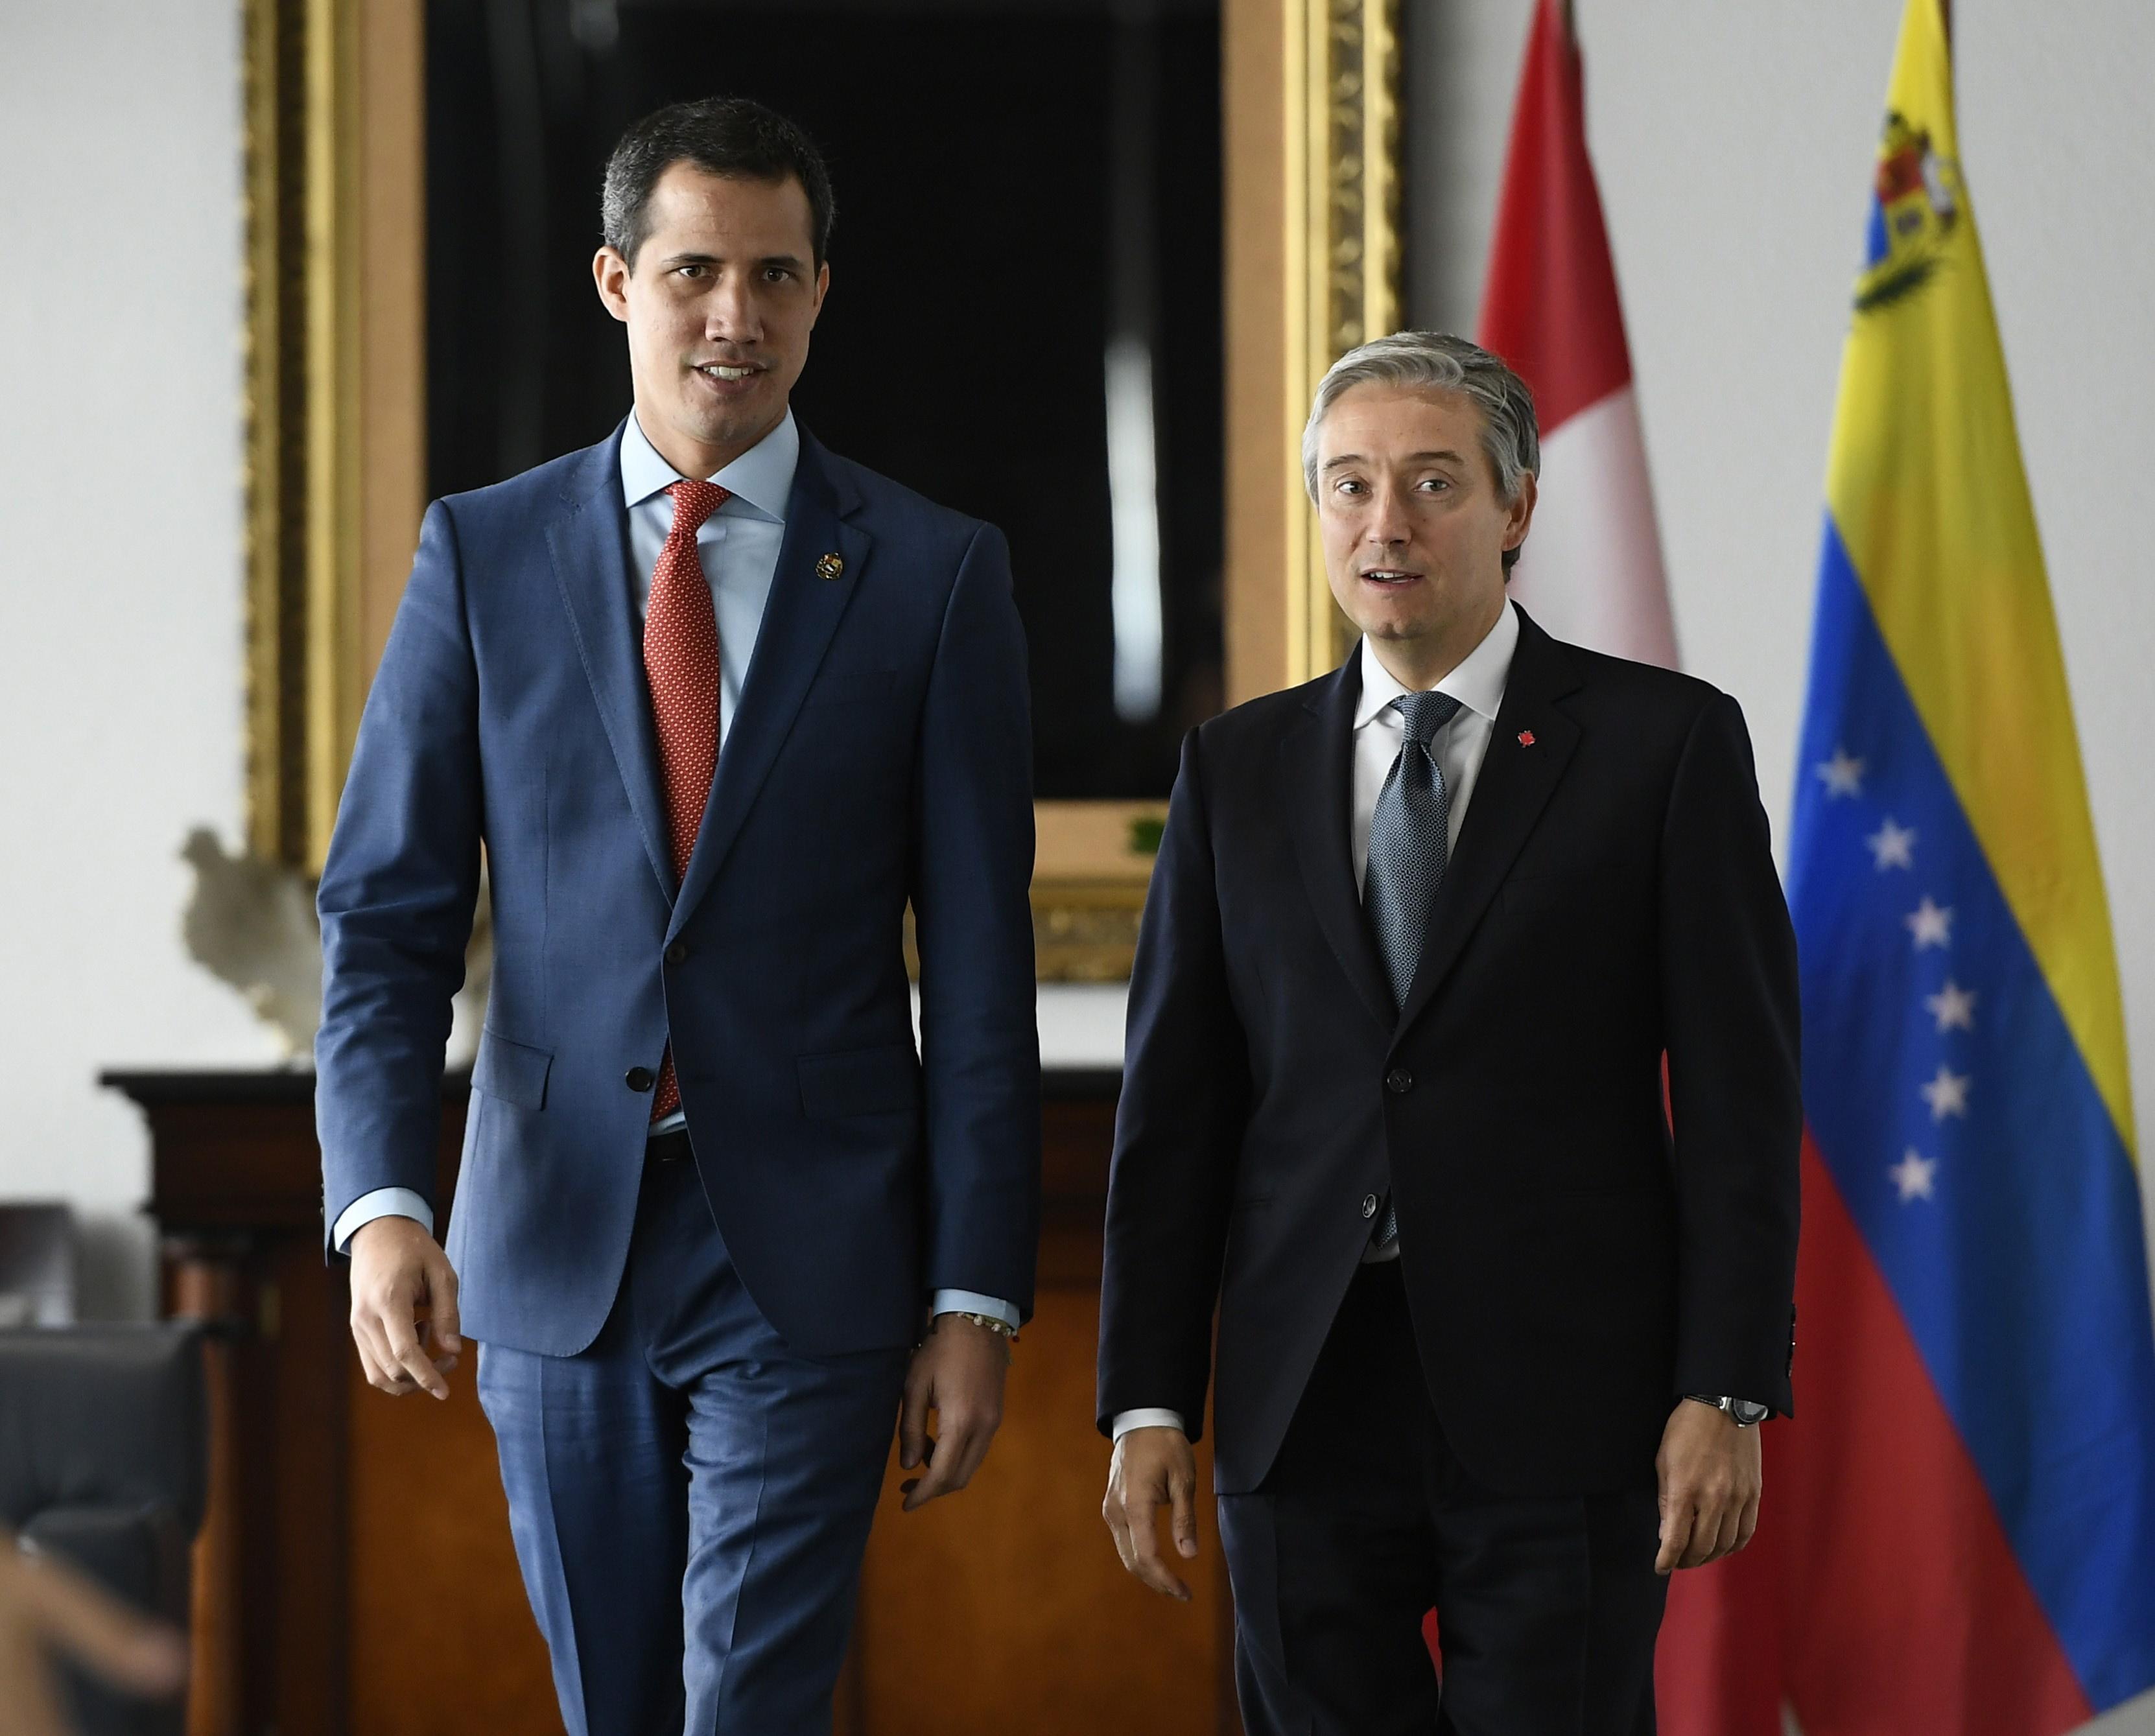 فيليب فرانسوا شامبان، وزير الخارجية الكندي (إلى اليمين) وخوان غوايدو، رئيس فنزويلا بالنيابة خلال زيارته لأوتاوا يوم 27.01.2020 - The Canadian Press / Justin Tang